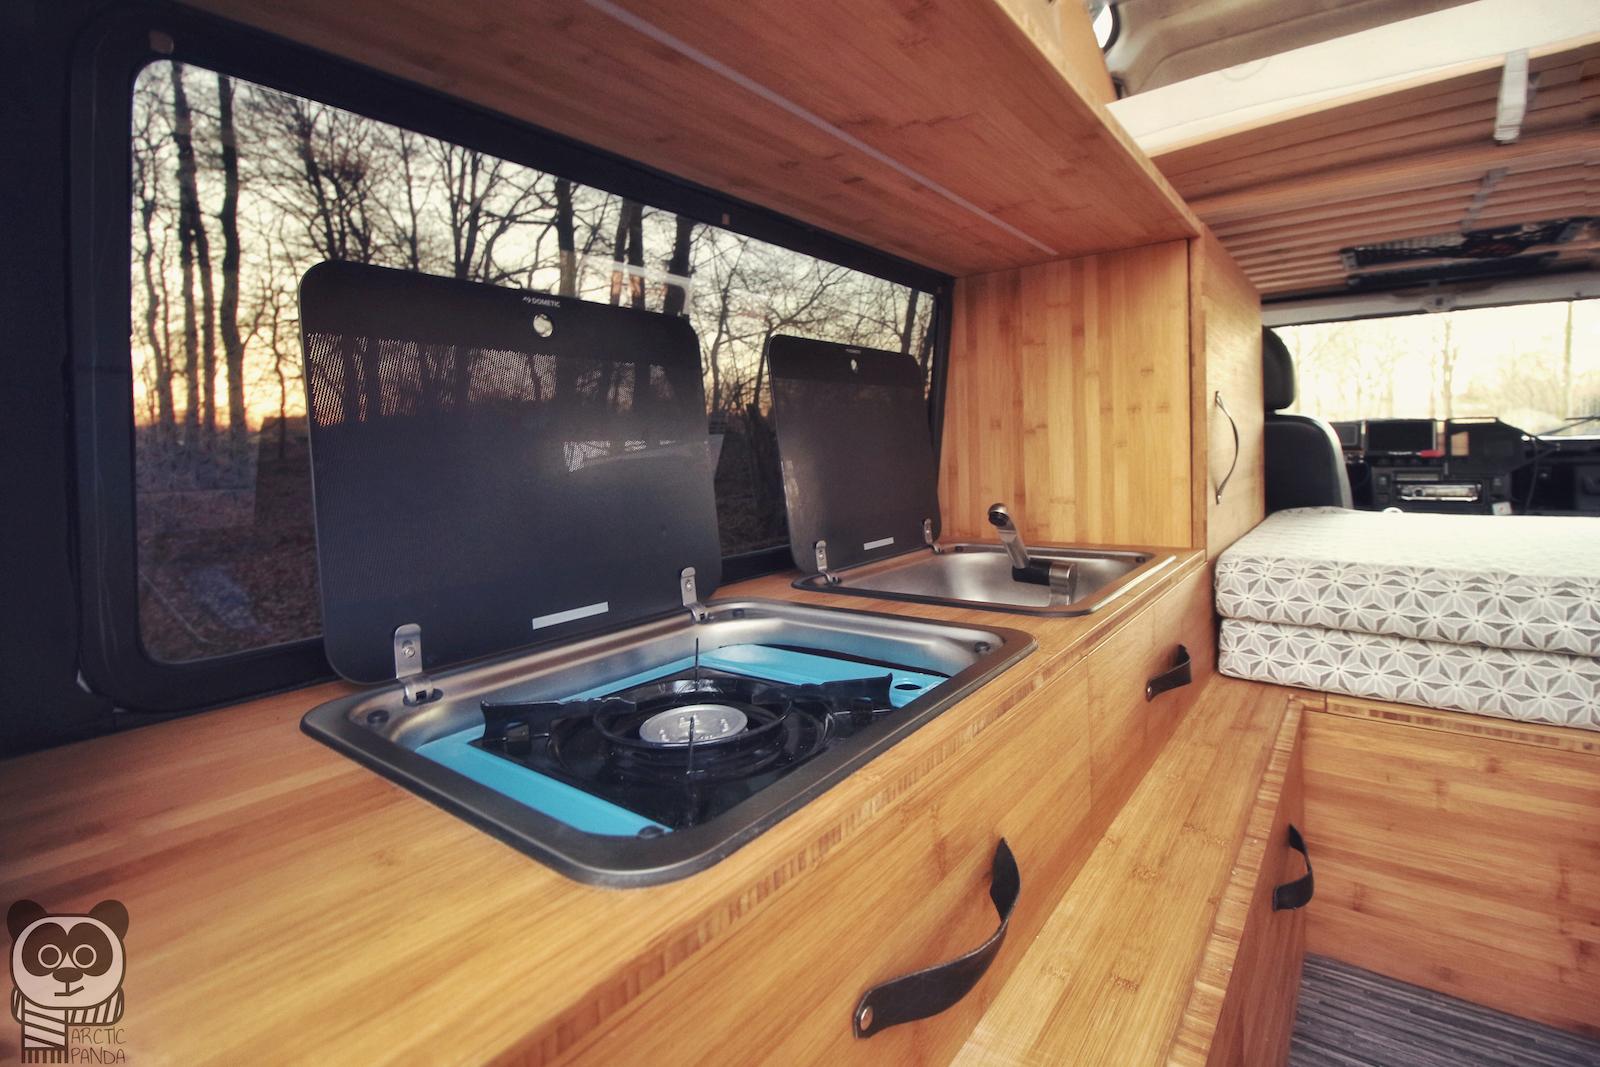 Die Küchenzeile mit Glasabdeckungen: links ein Gaskocher, rechts ein Waschbecken.